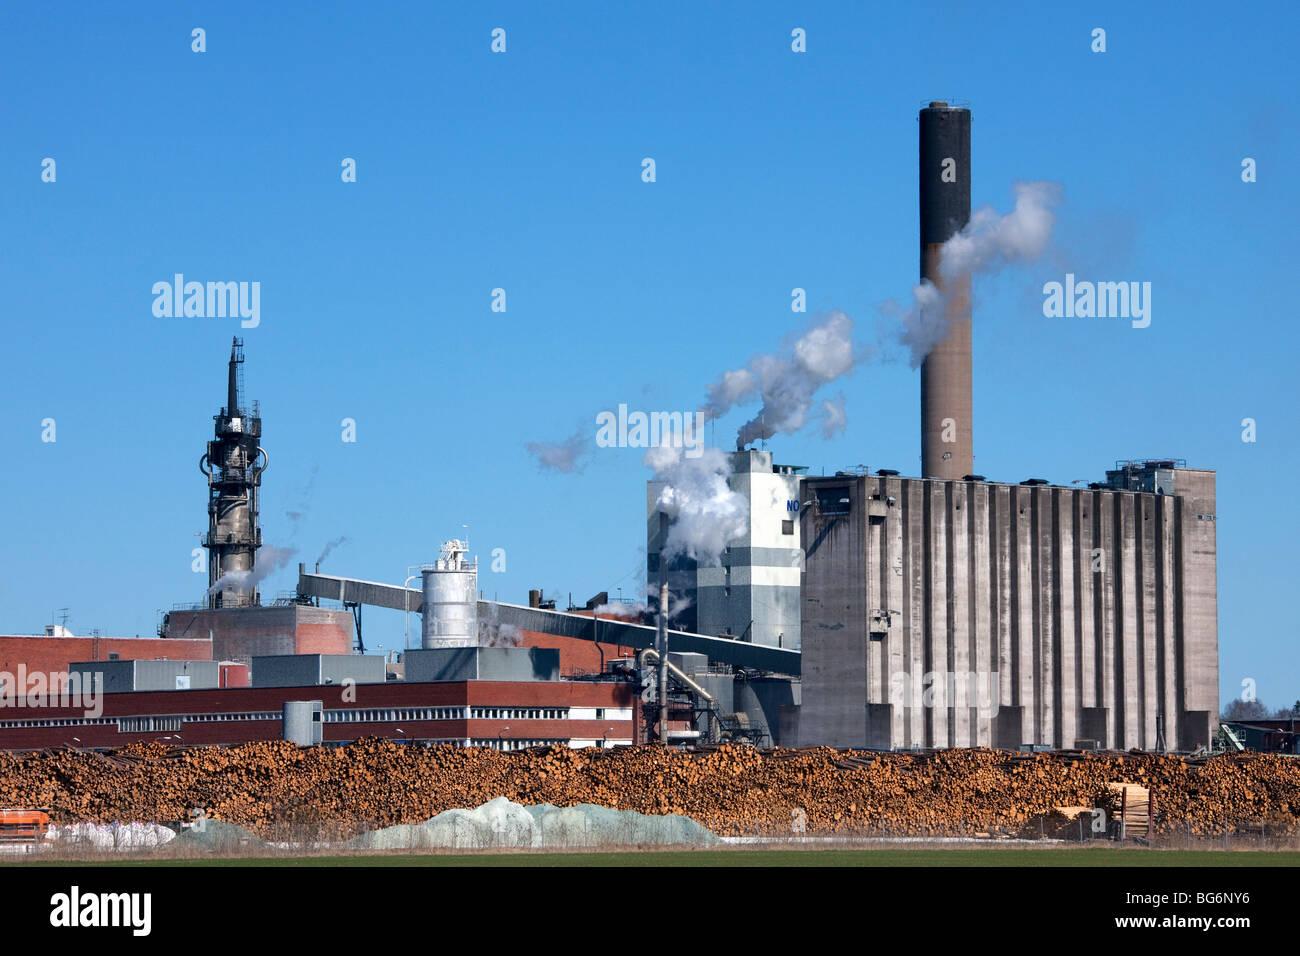 Pilotes de madera de pino apilados de industria maderera en frente de la fábrica de pasta y papel, Suecia Imagen De Stock